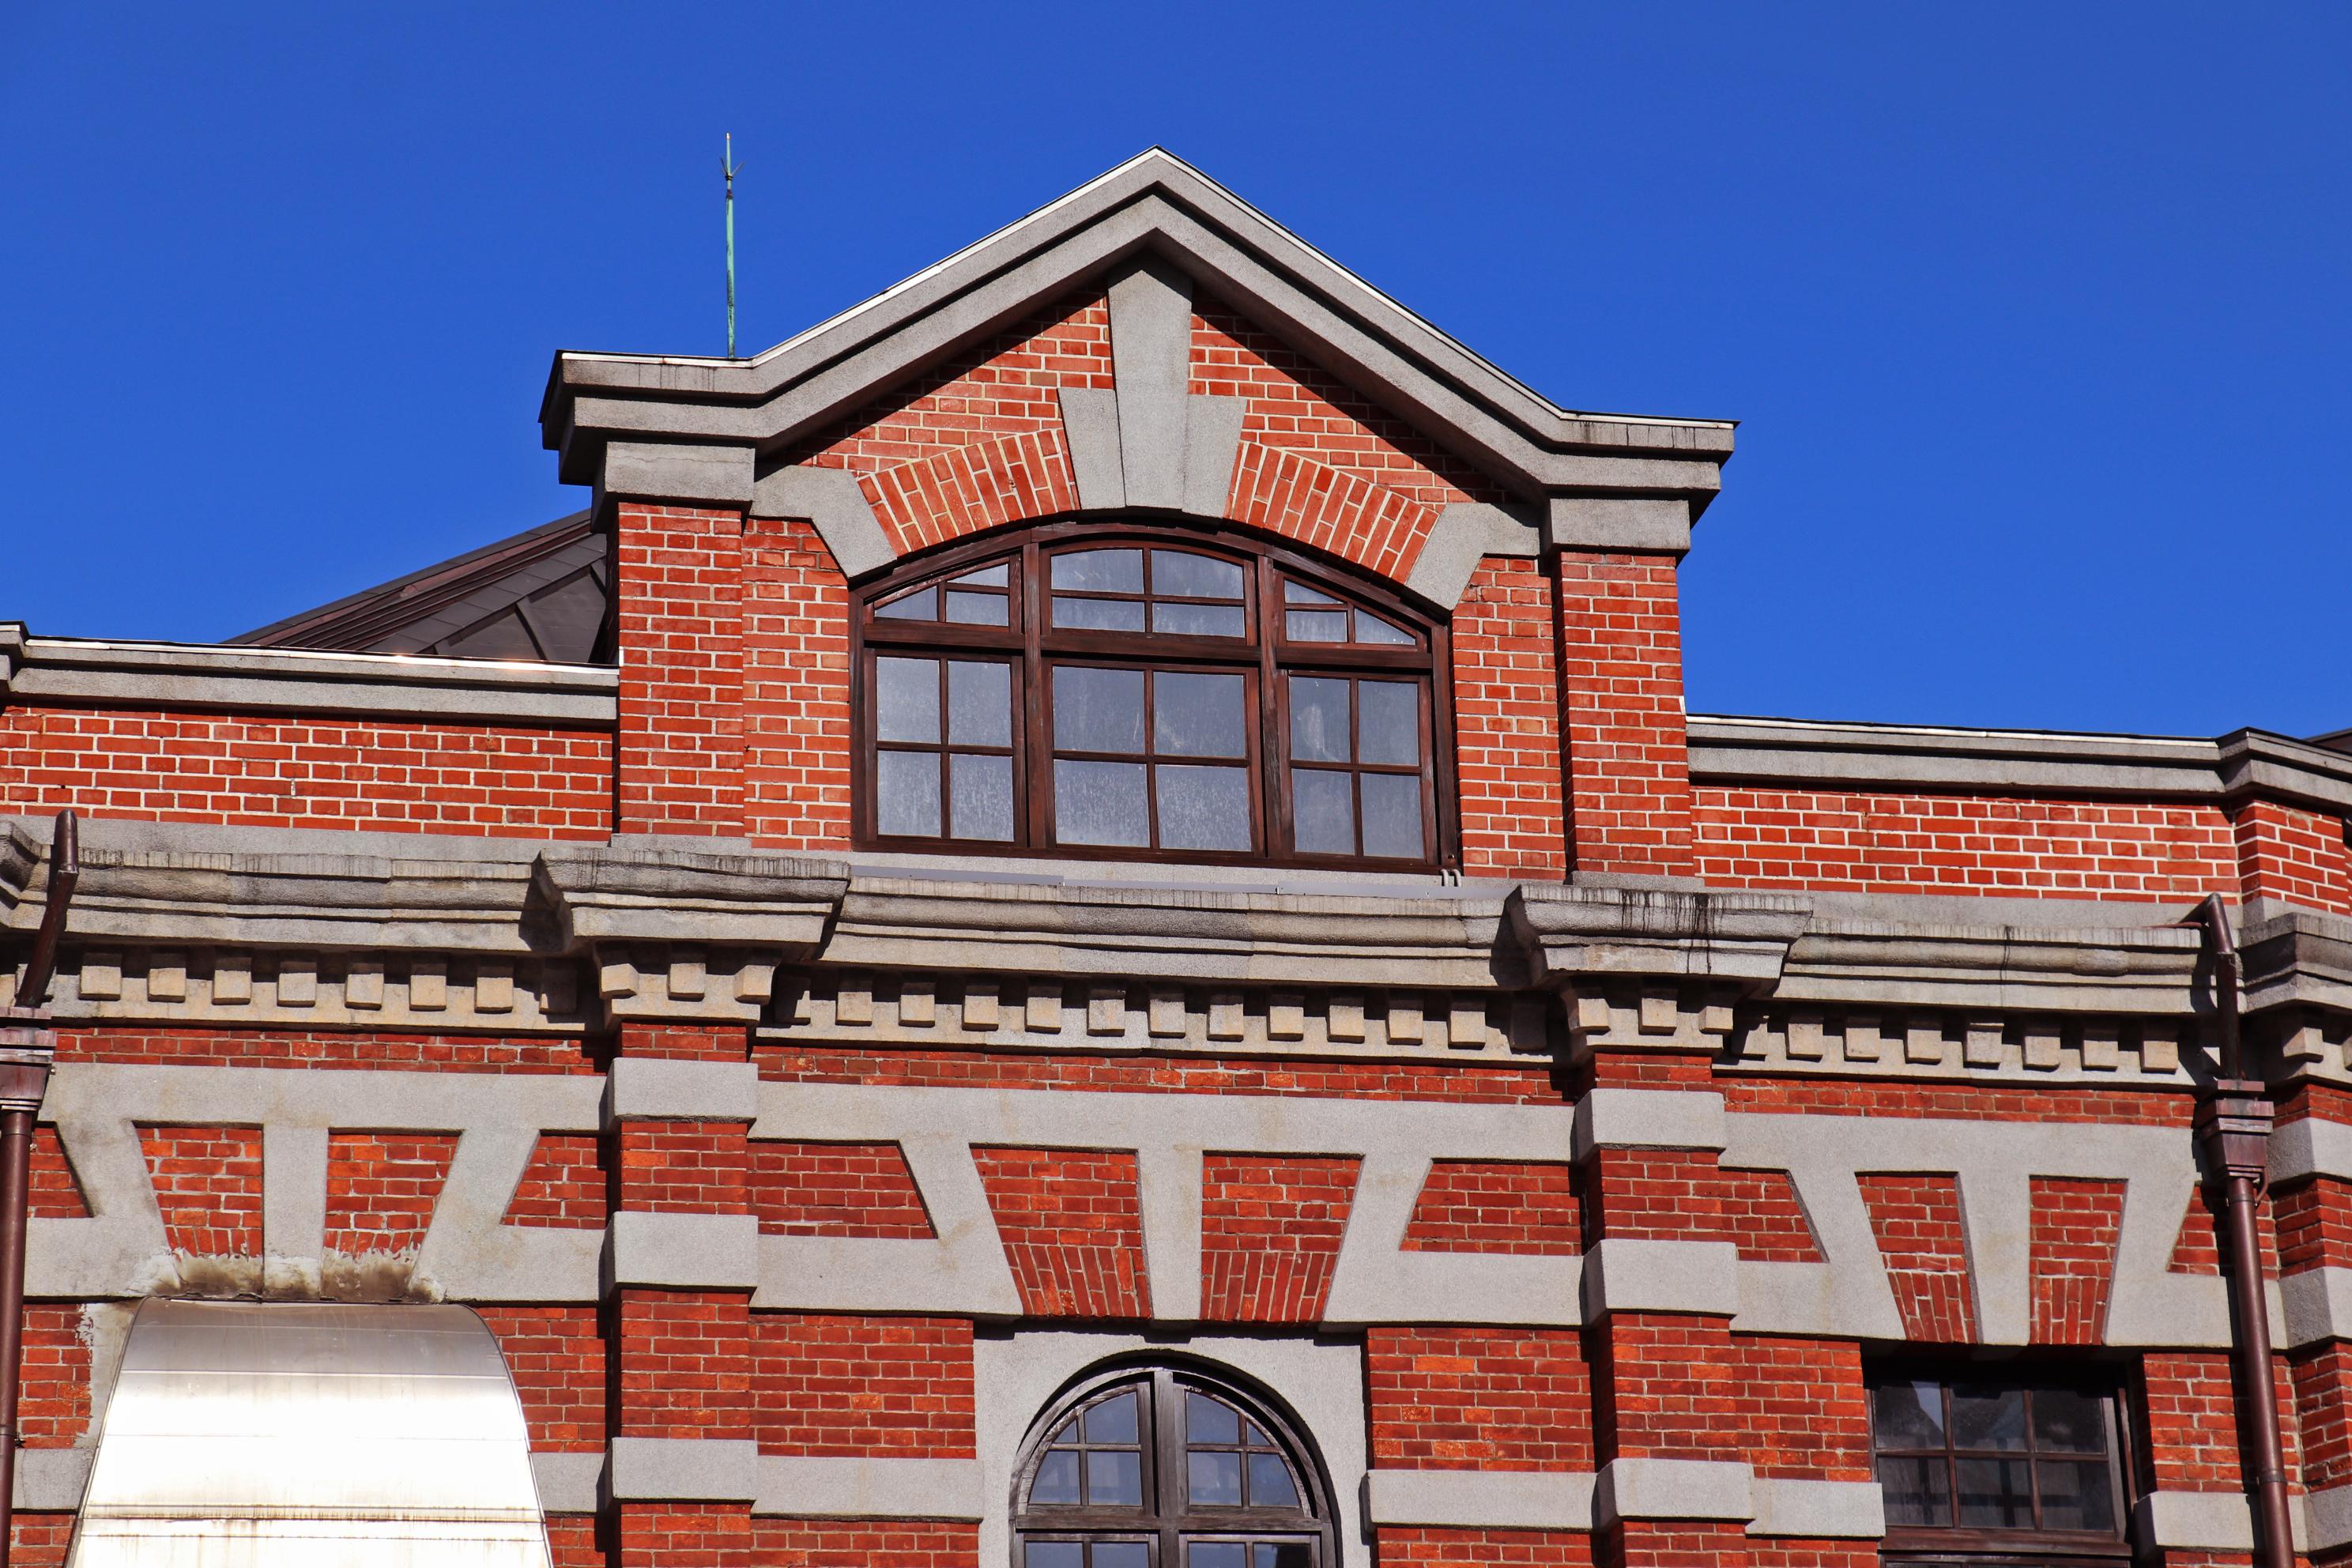 紅磚山牆上的窗戶設計。